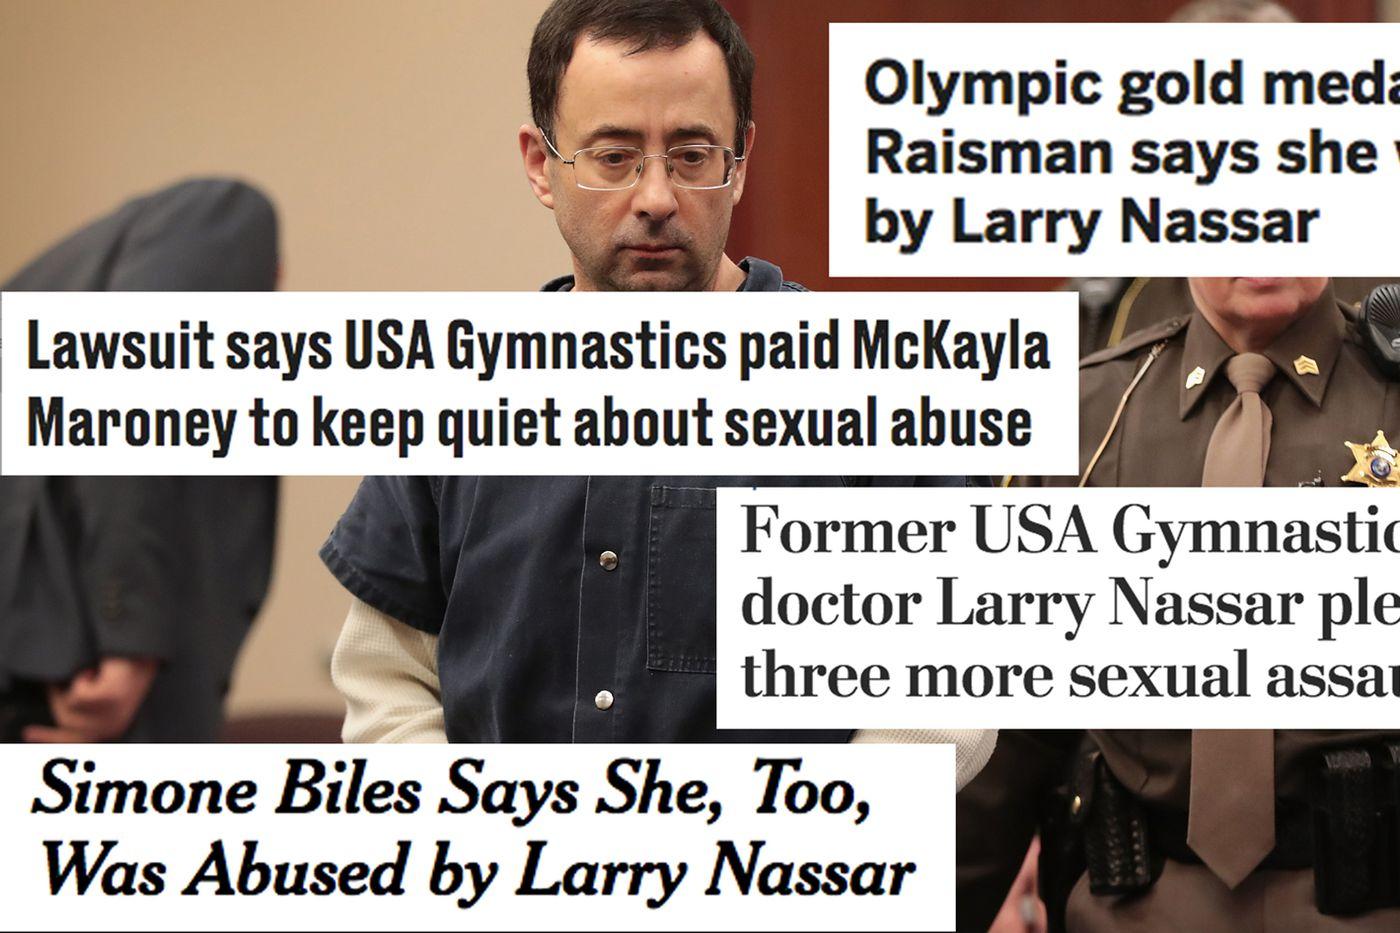 A comprehensive timeline of the Larry Nassar case - SBNation com